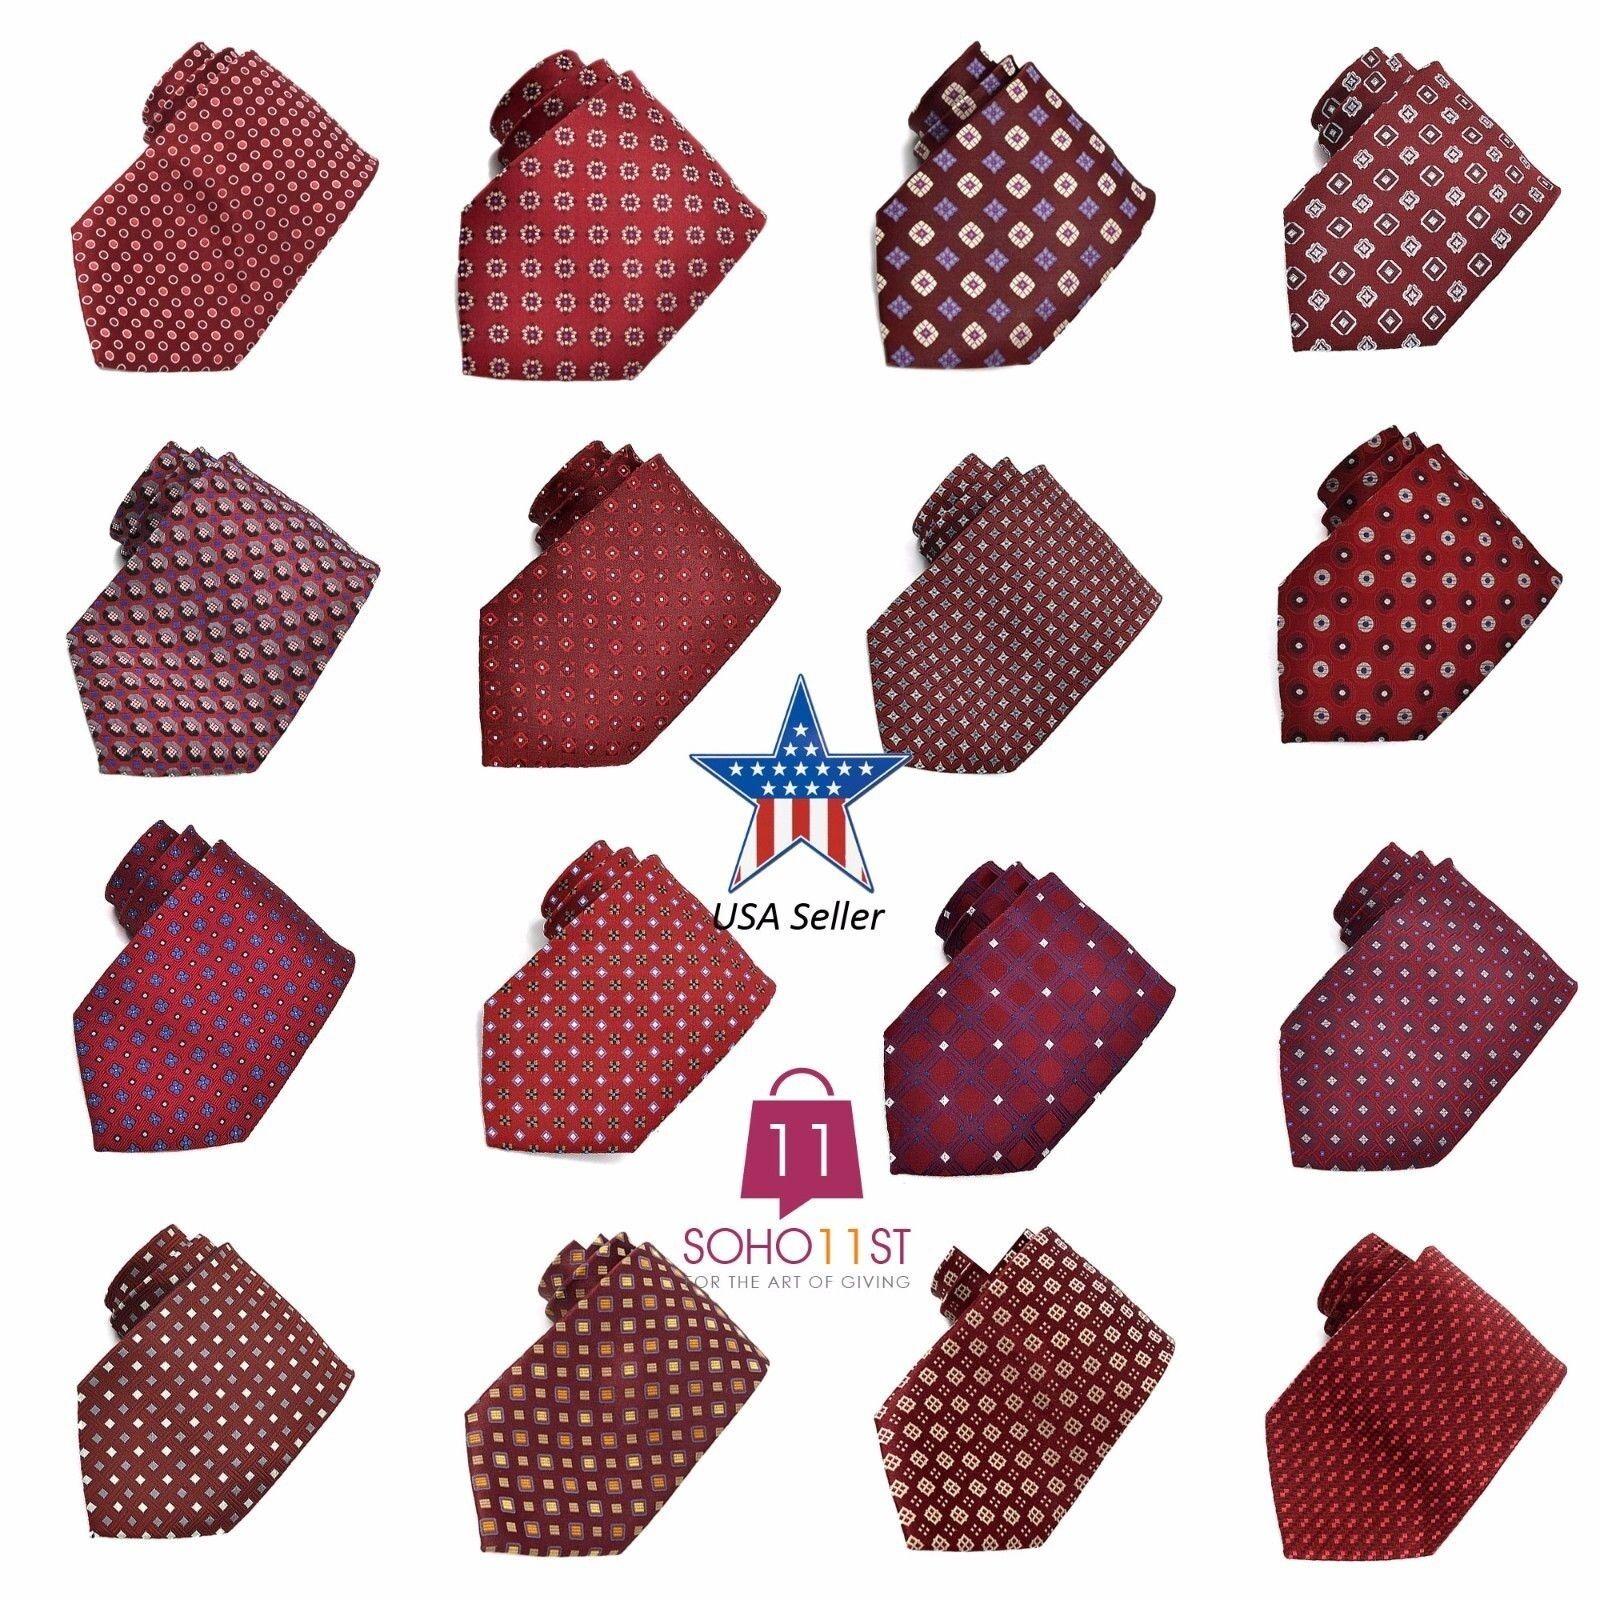 ! lo último! 100% seda nueva JACQUARD tejido hecho a mano Tie Hombre trajes lazos – Borgoña